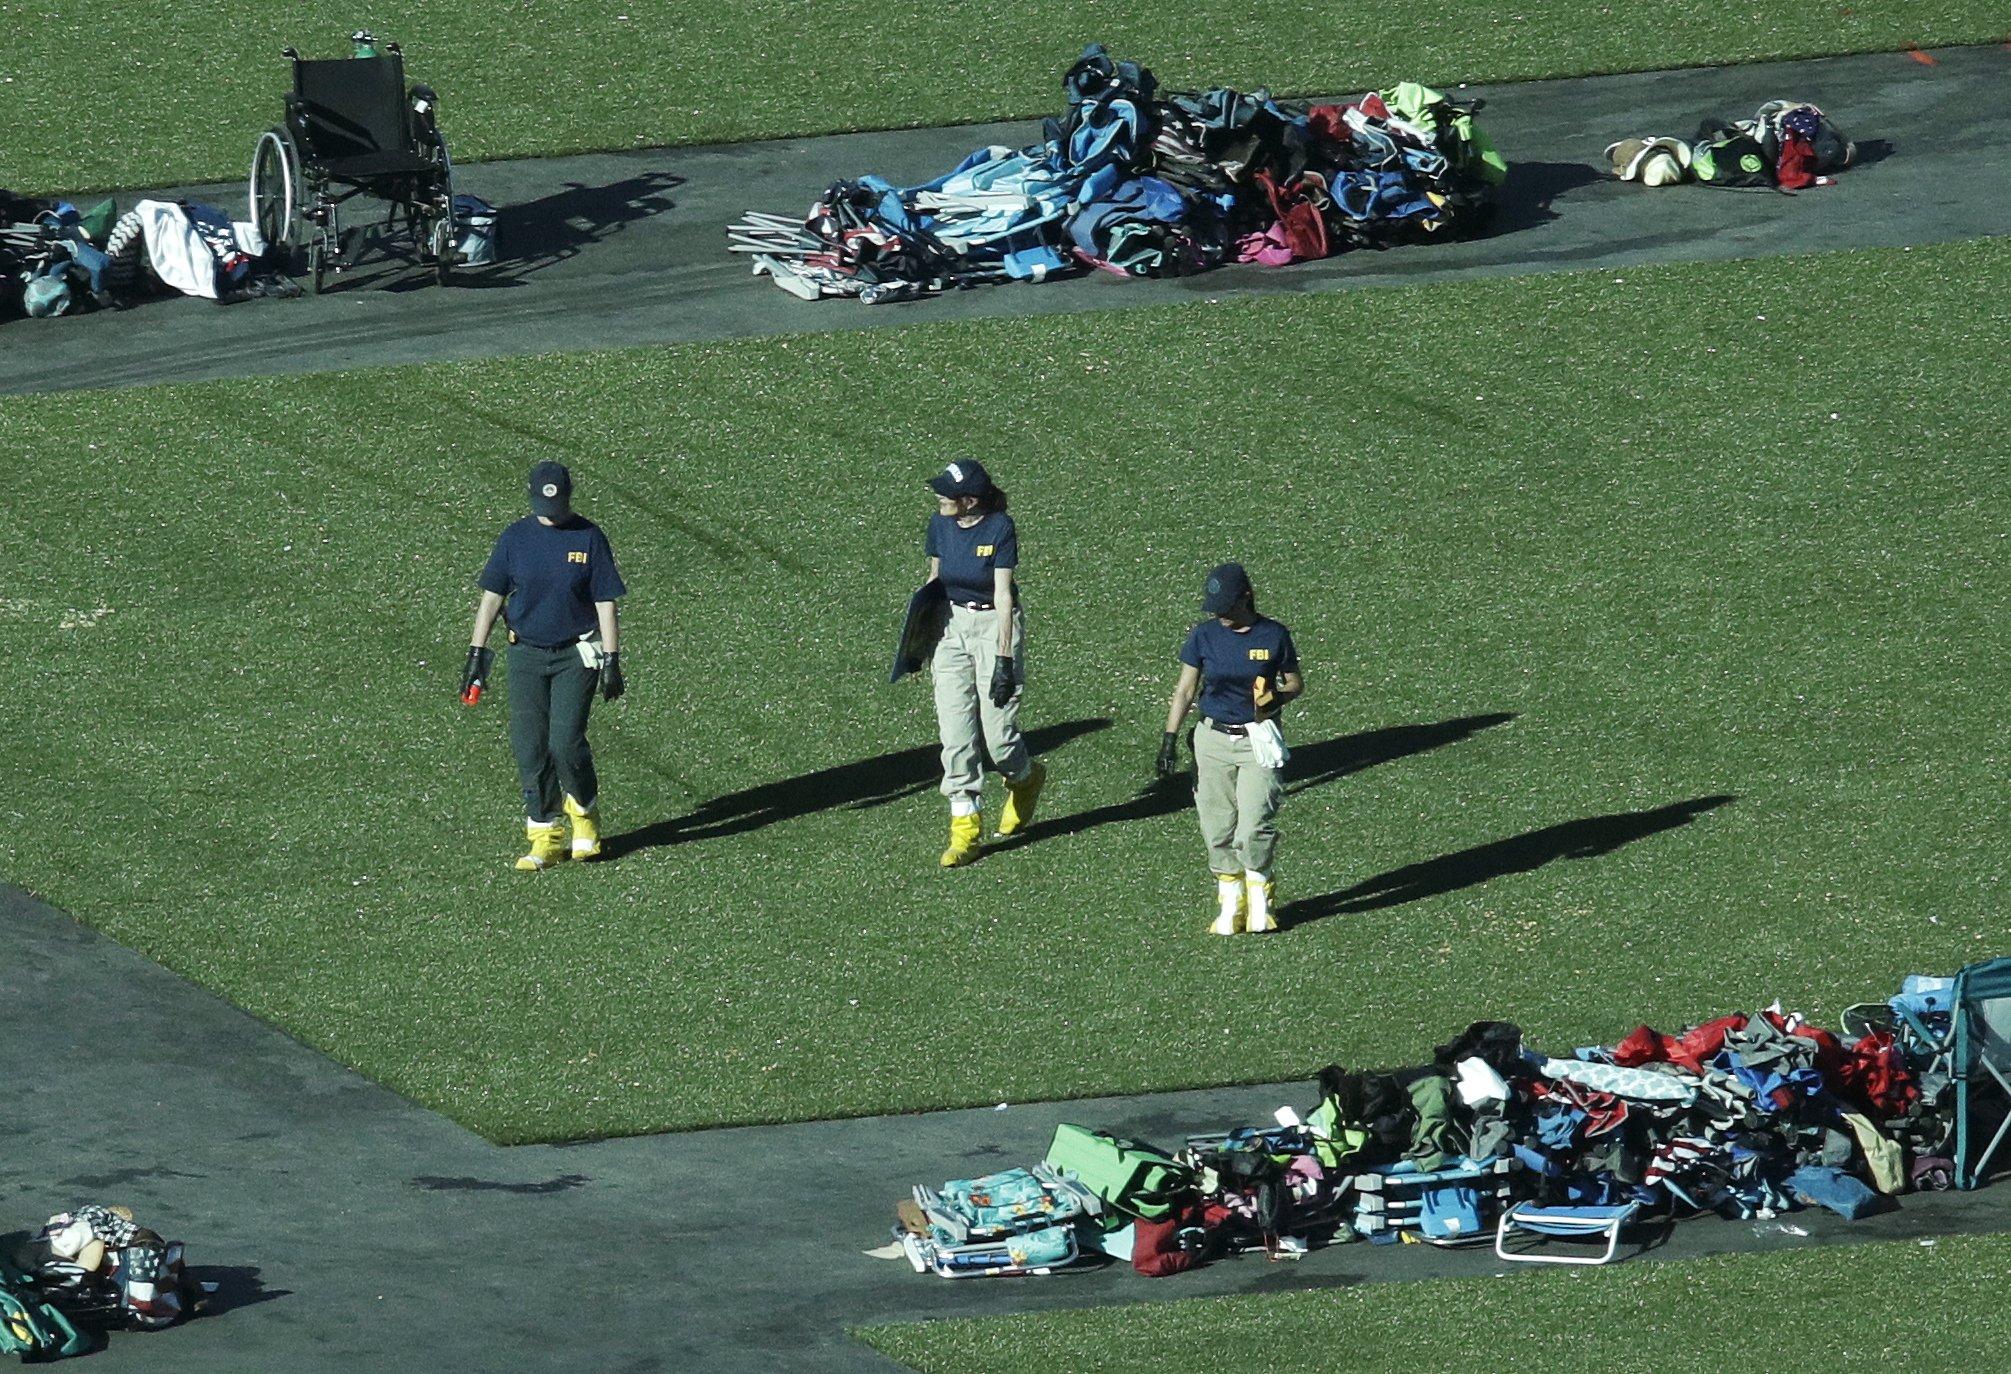 Stymied police seek help in uncovering Vegas gunman's motive